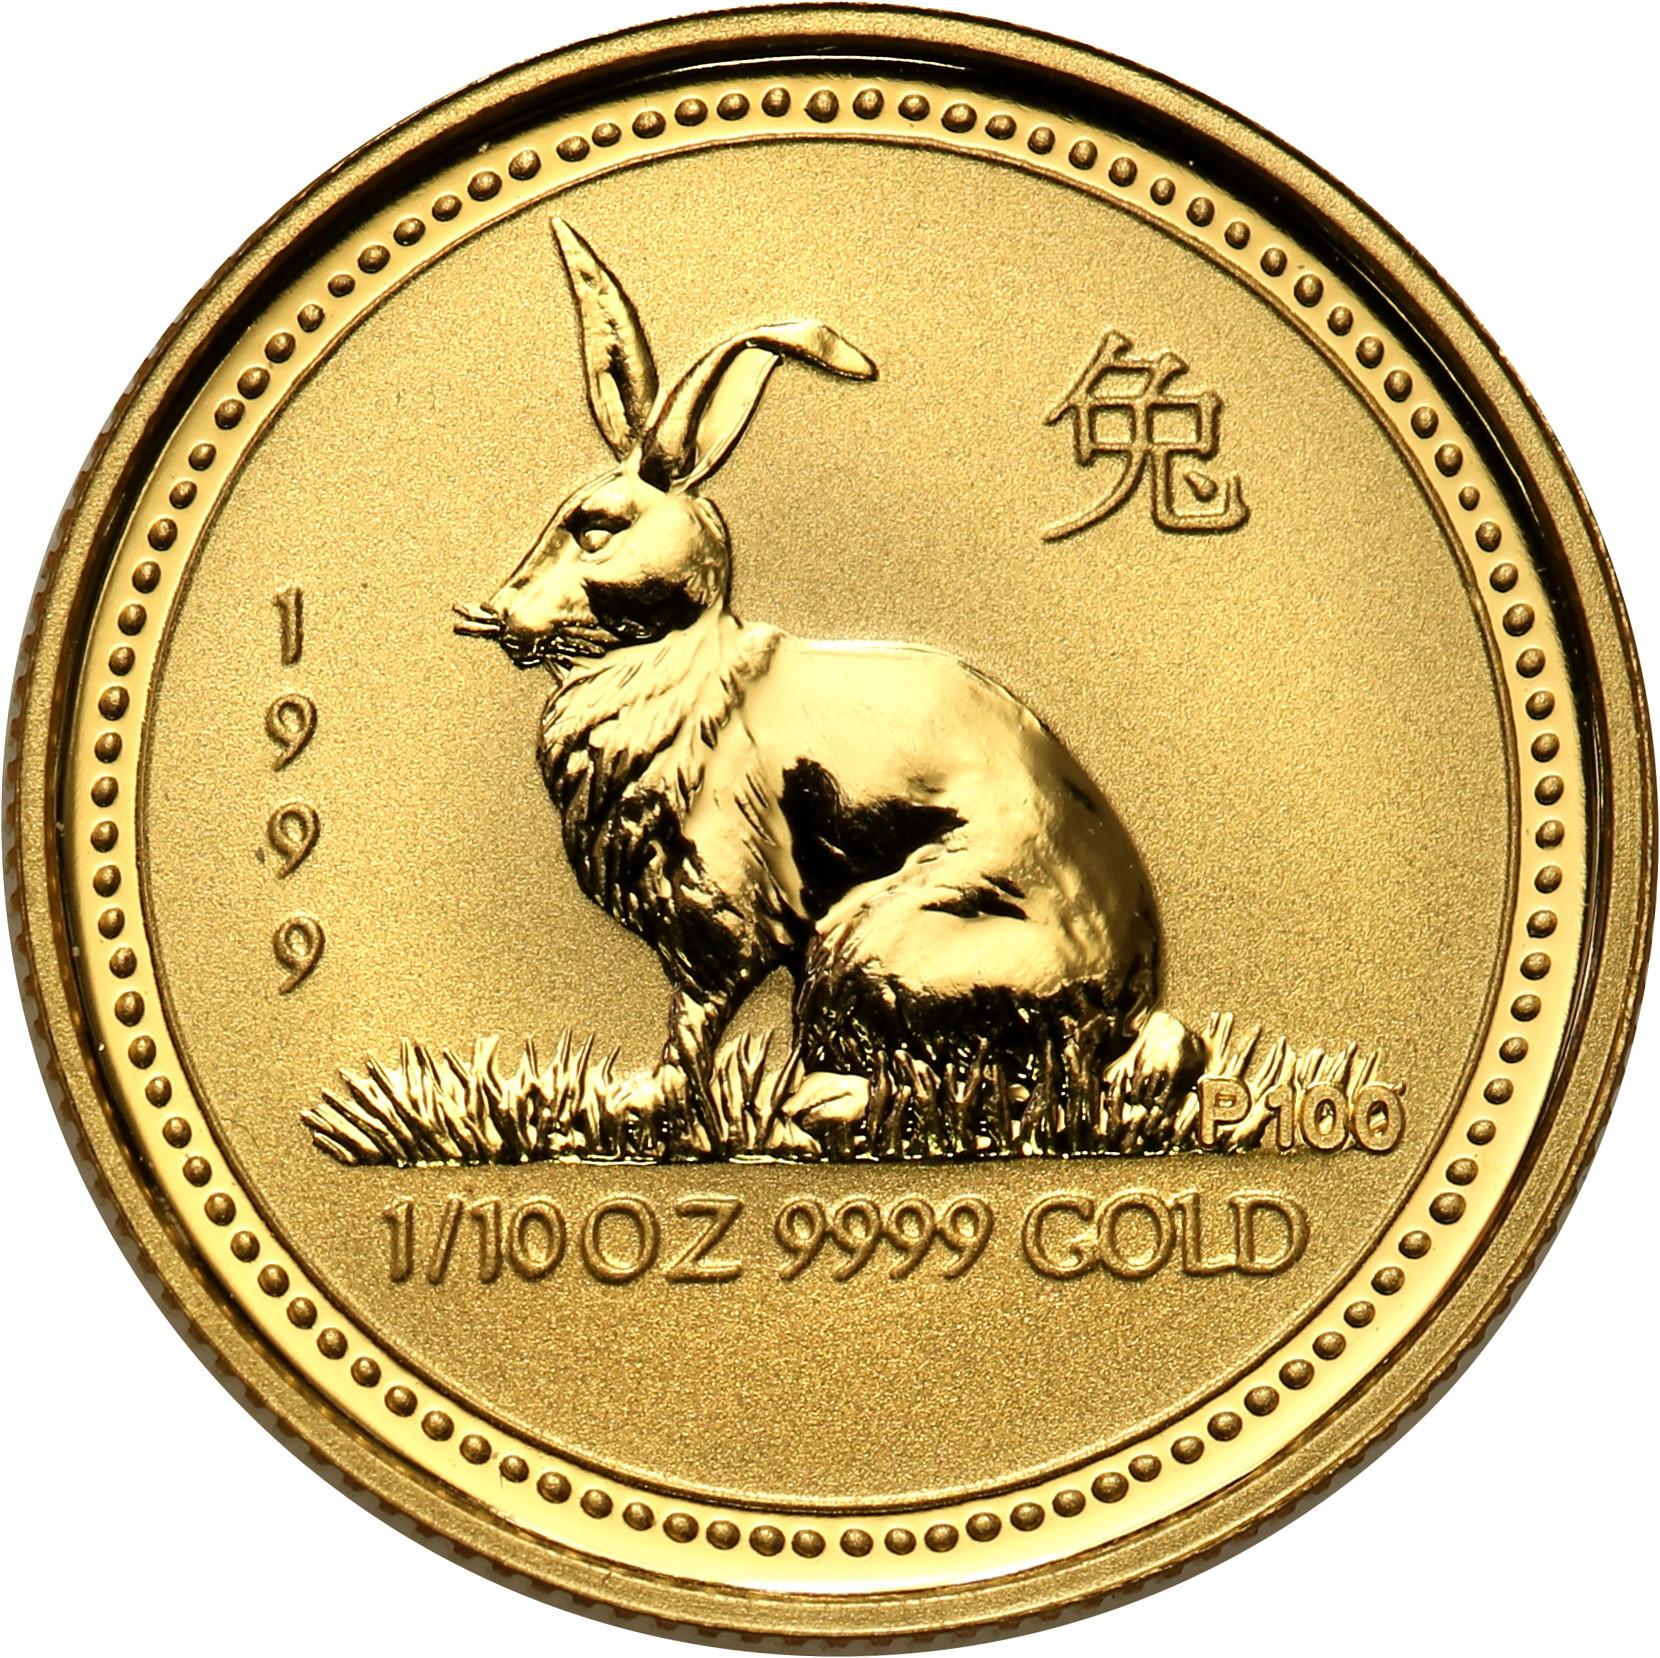 Australia. Elżbieta II 15 Dolarów 1999 Królik st.L – 1/10 uncji złota